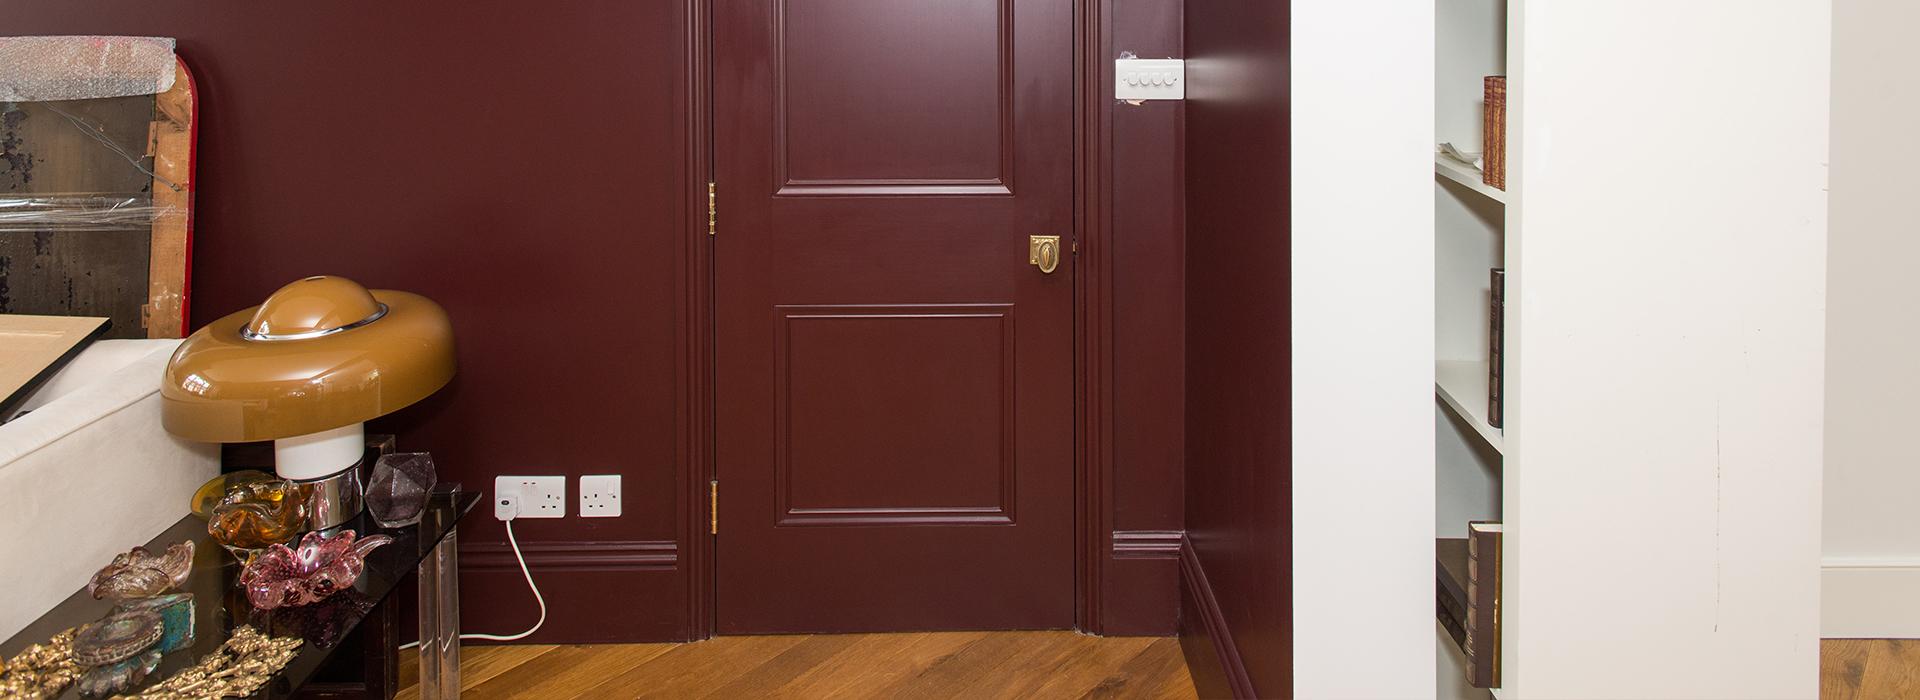 Burgundy door with brass handle